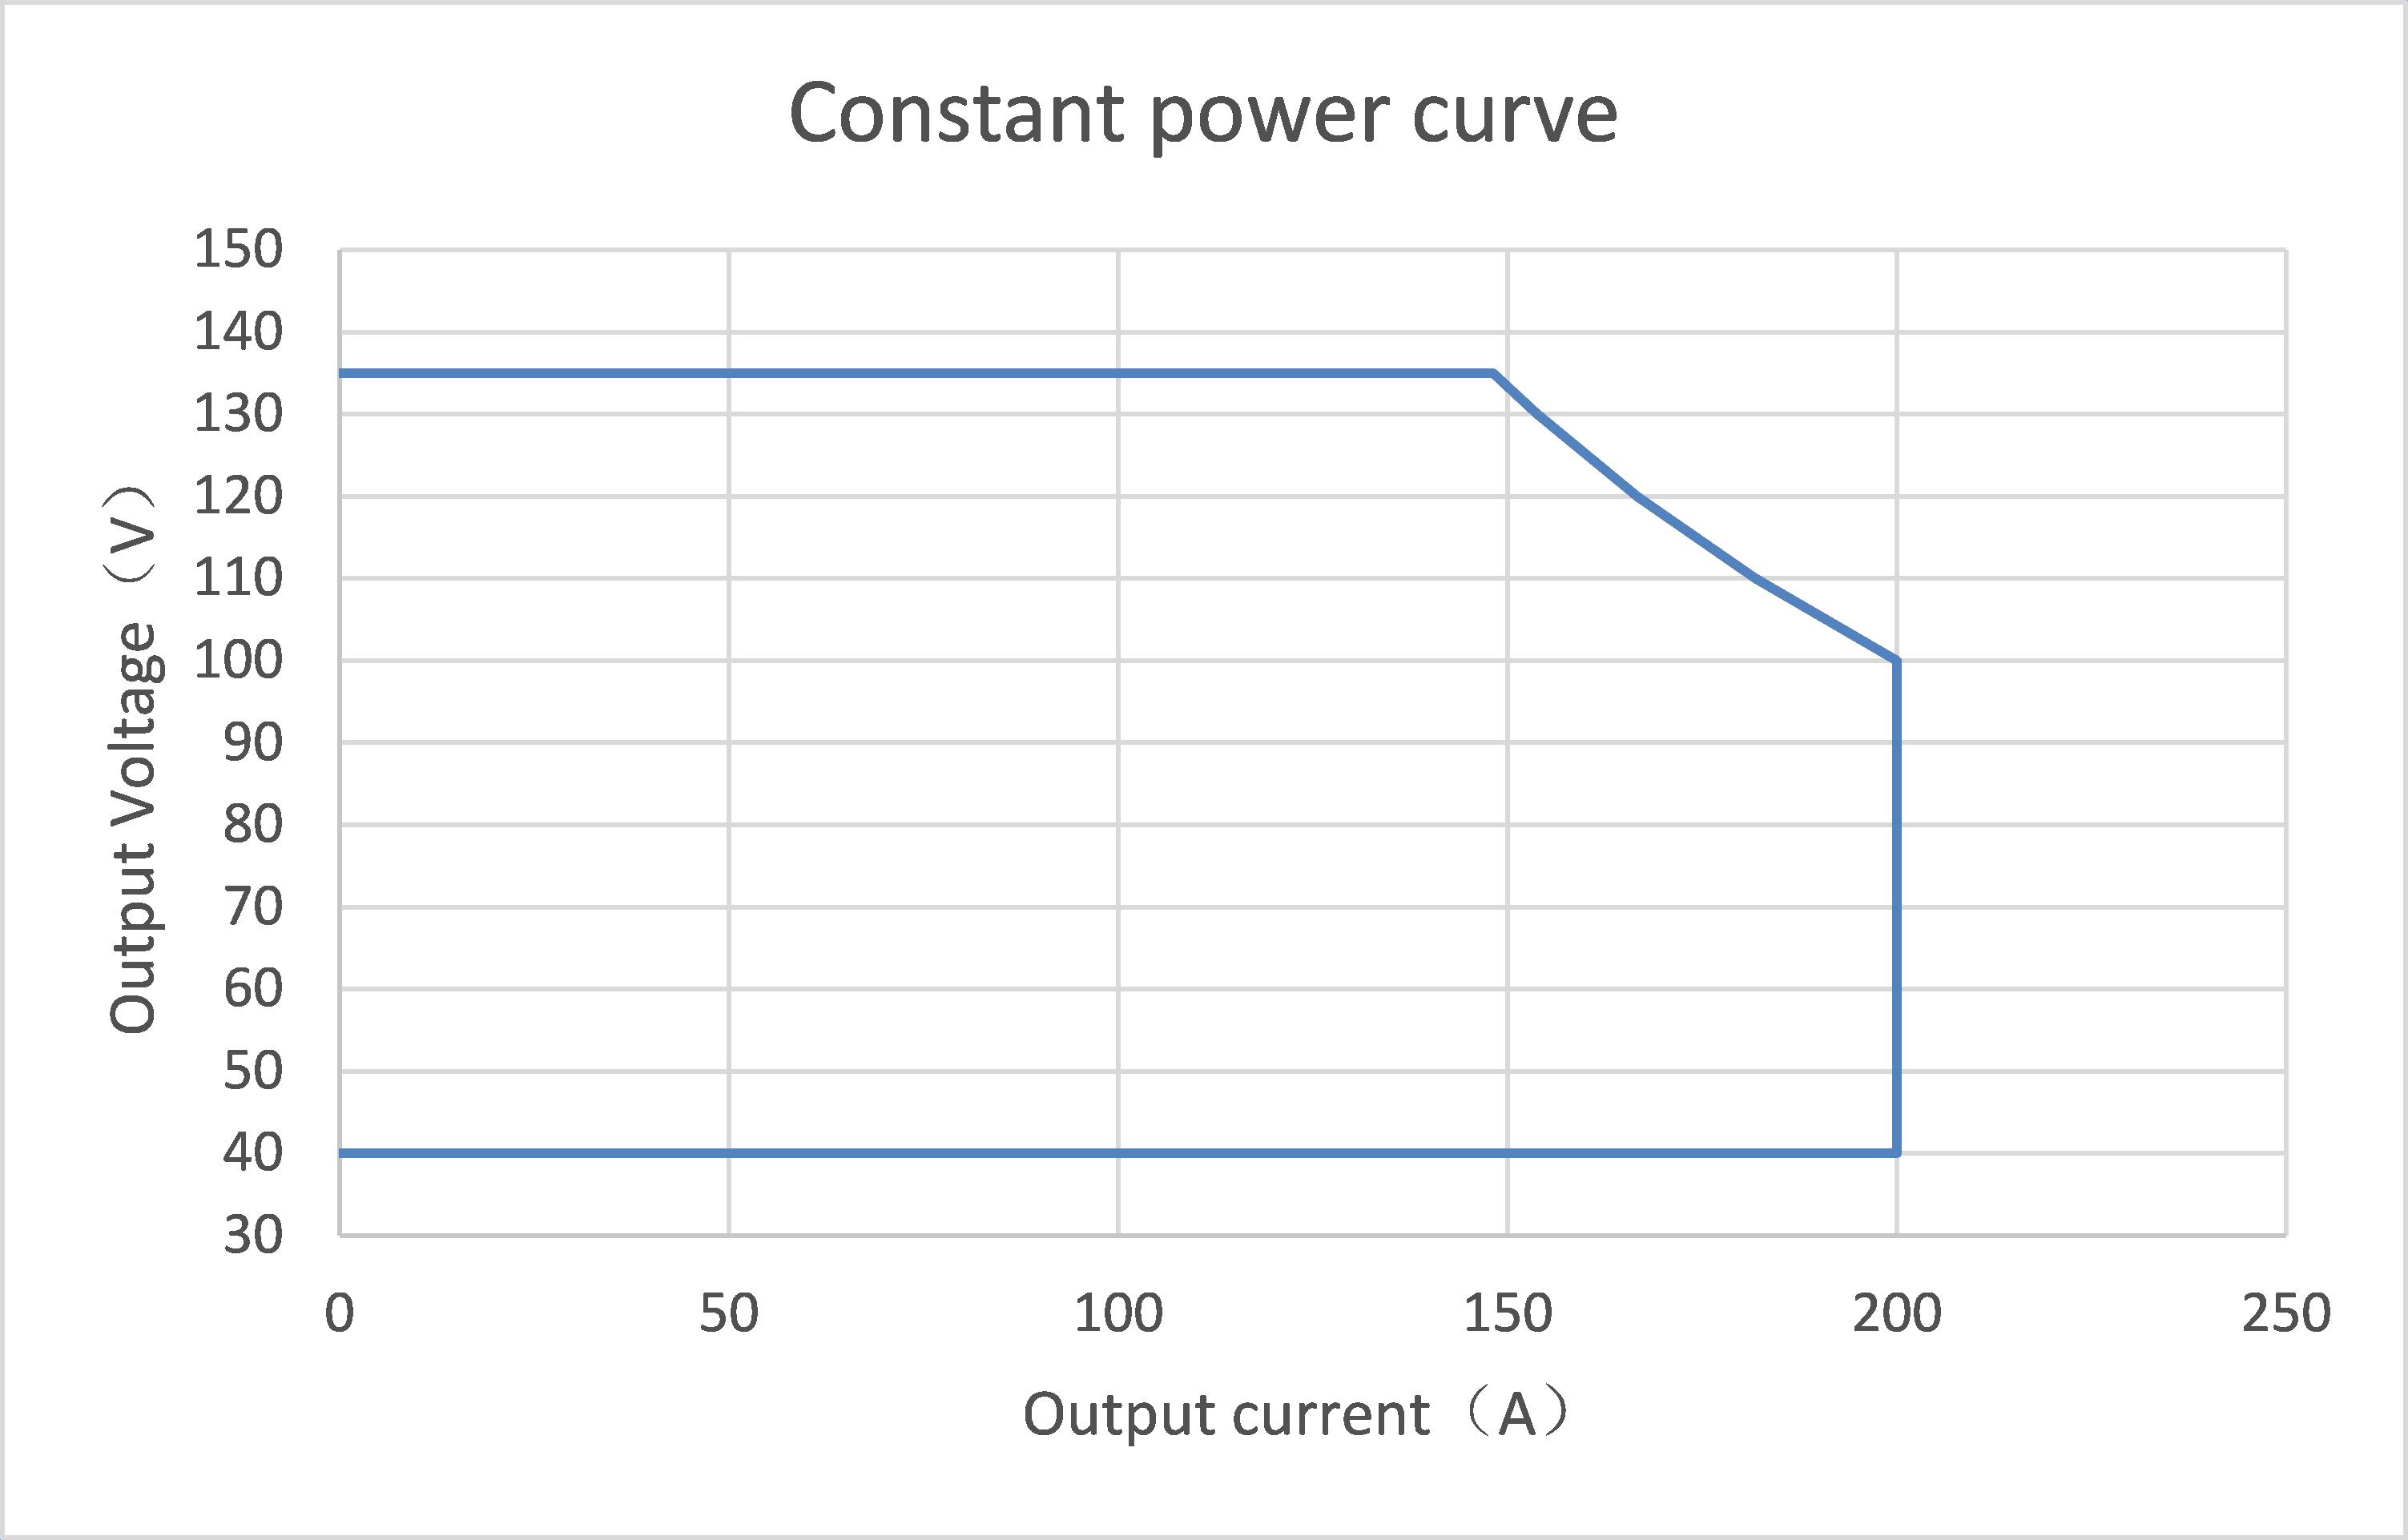 bharat ev dc charger module Constant power curve